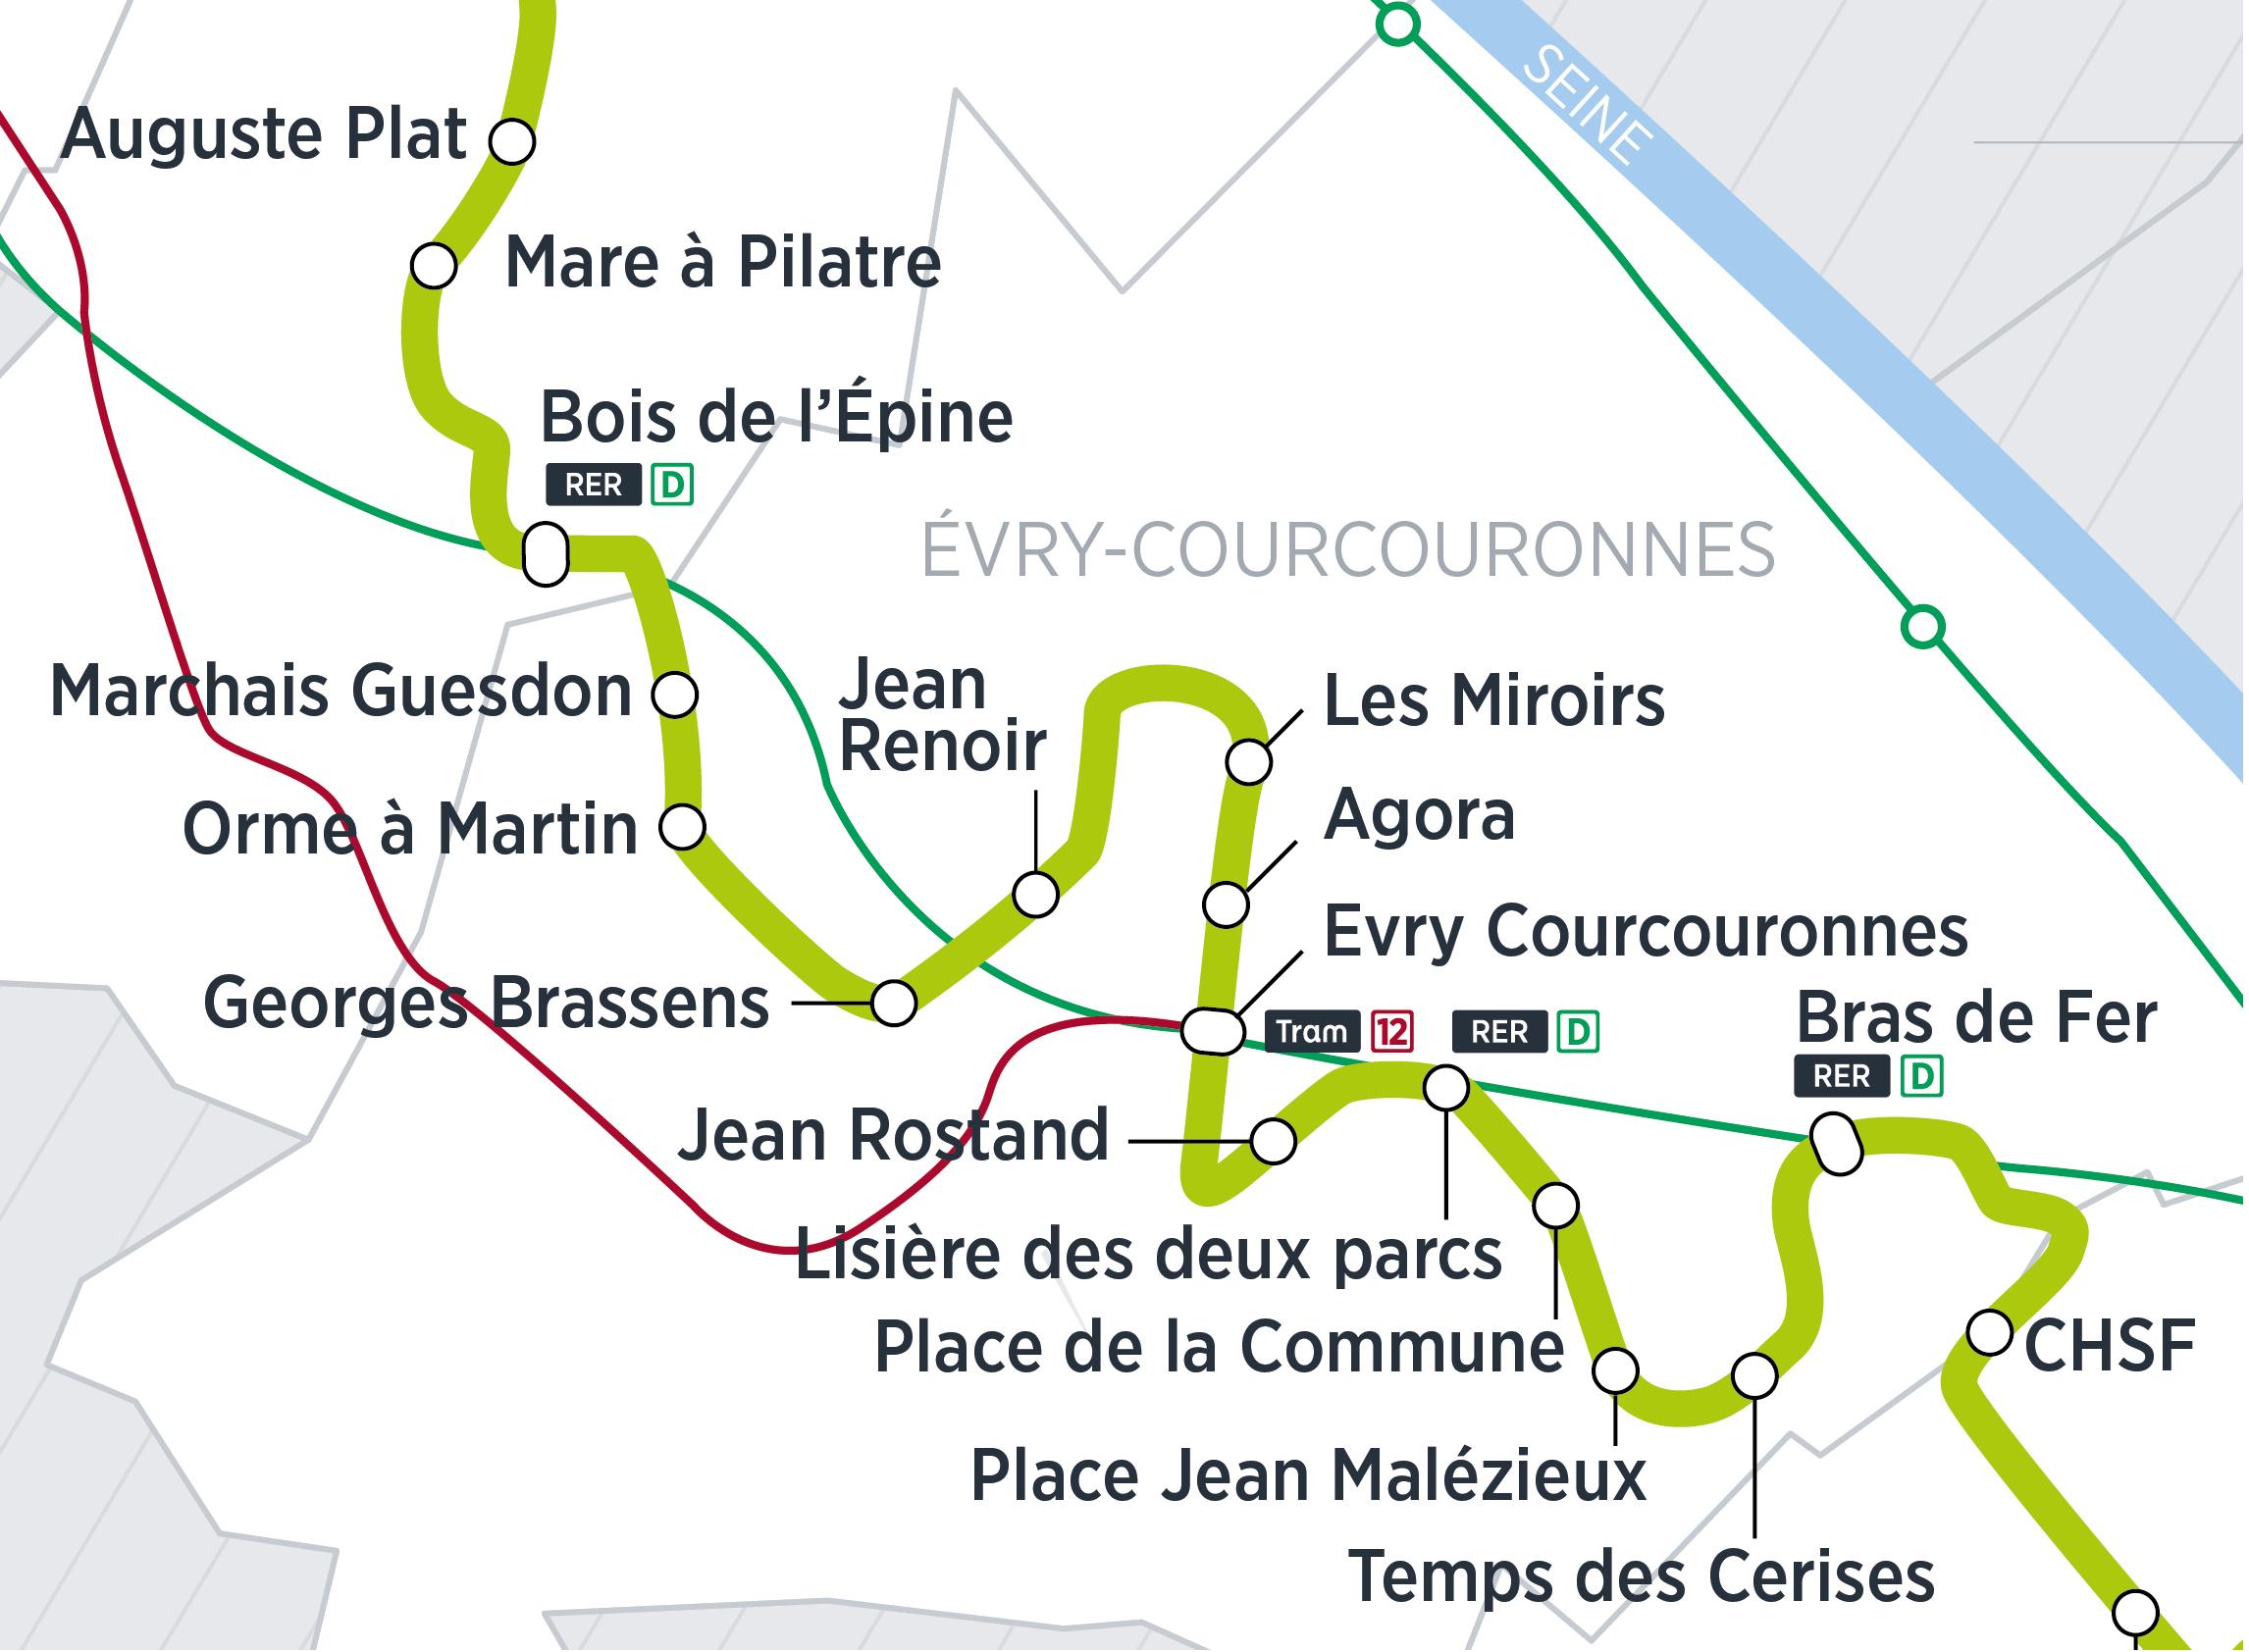 Zoom du tracé sur Evry-courcouronnes